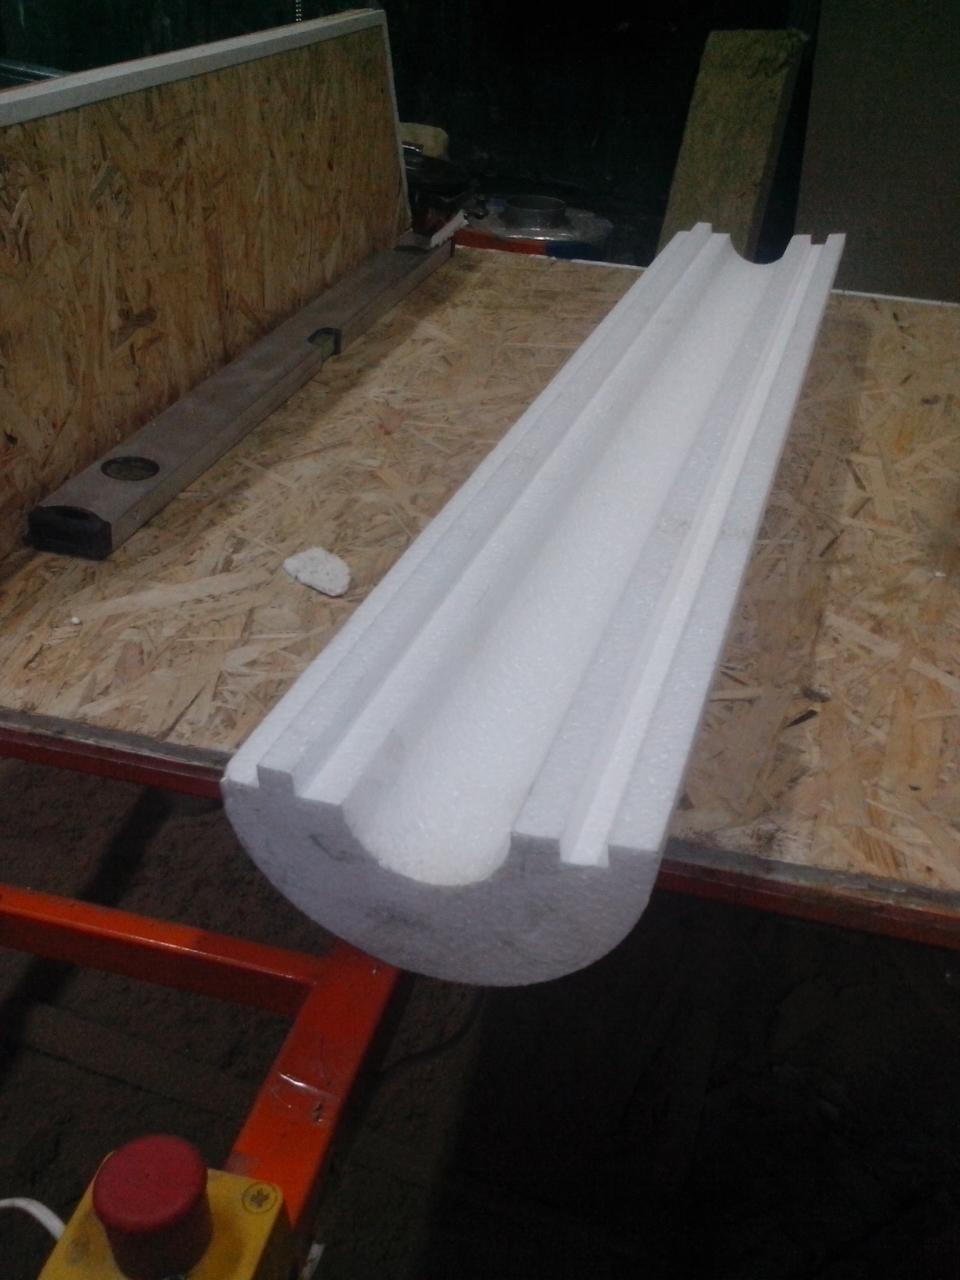 Утеплитель из пенопласта (пенополистирола) для труб Ø 60 мм толщиной 50 мм